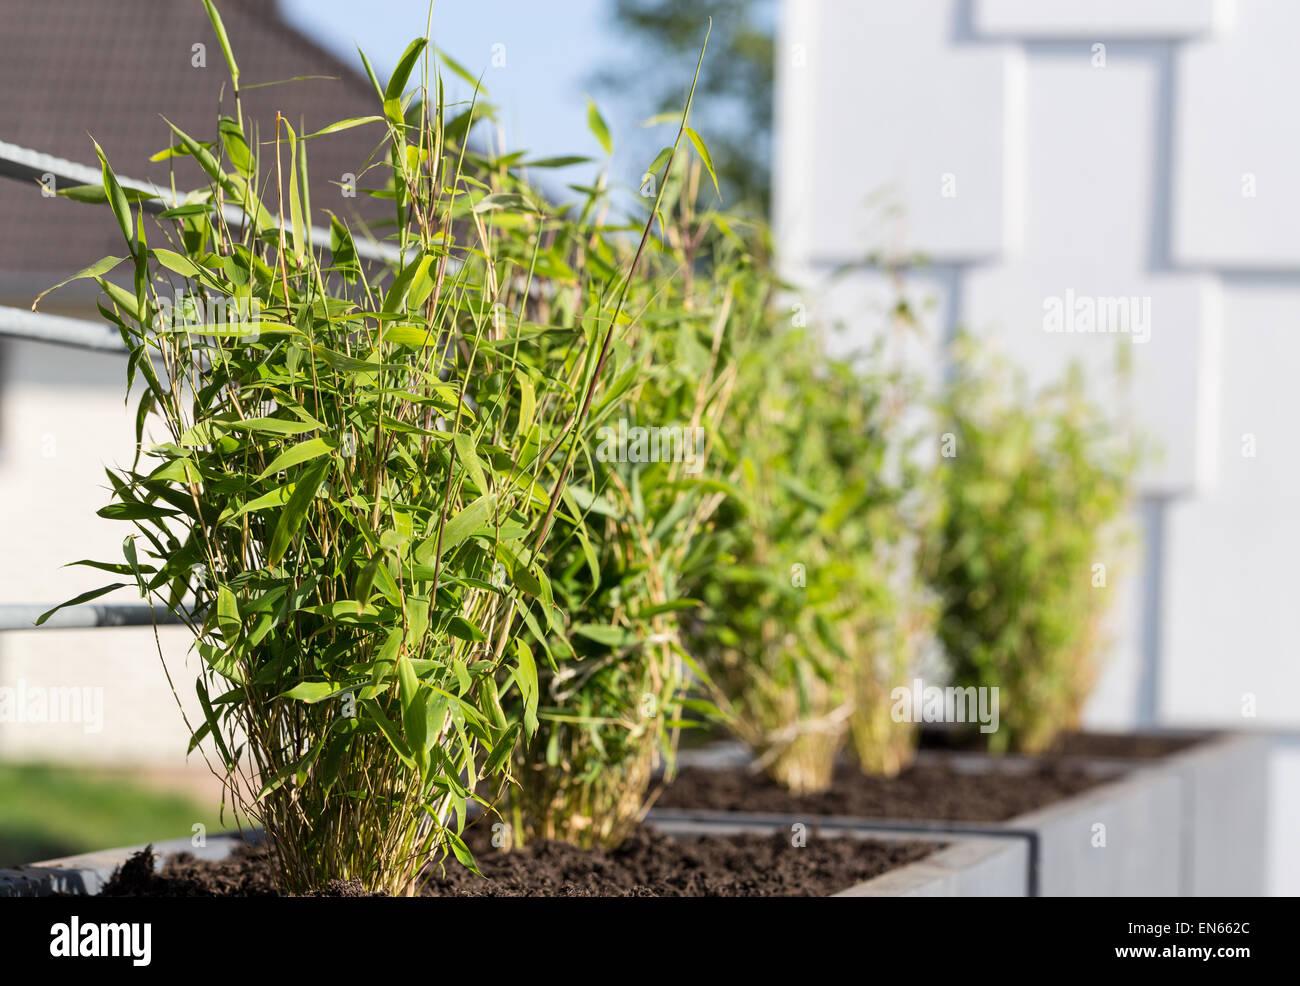 Fargesia Stock Photos & Fargesia Stock Images - Alamy